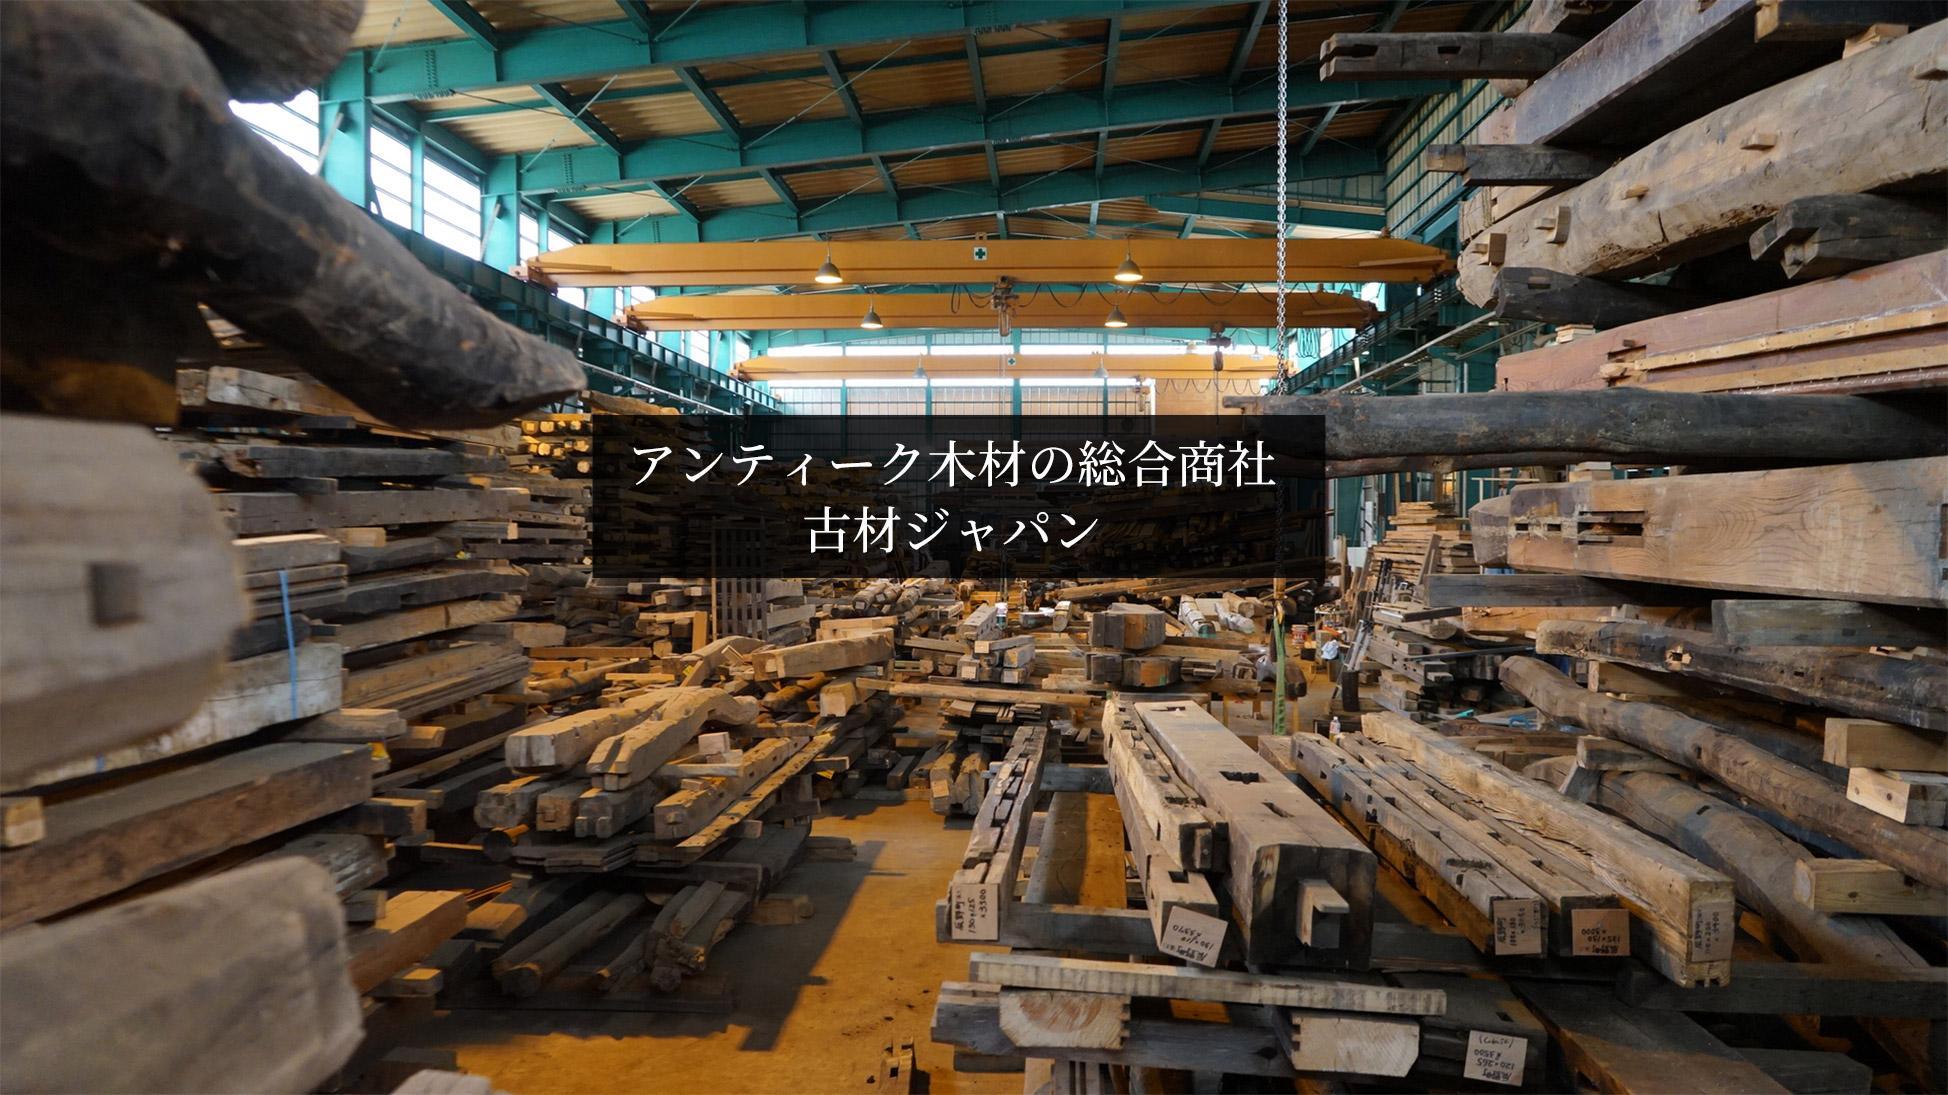 アンティーク木材の総合商社 古材ジャパン - 古材専門店 古材ジャパン